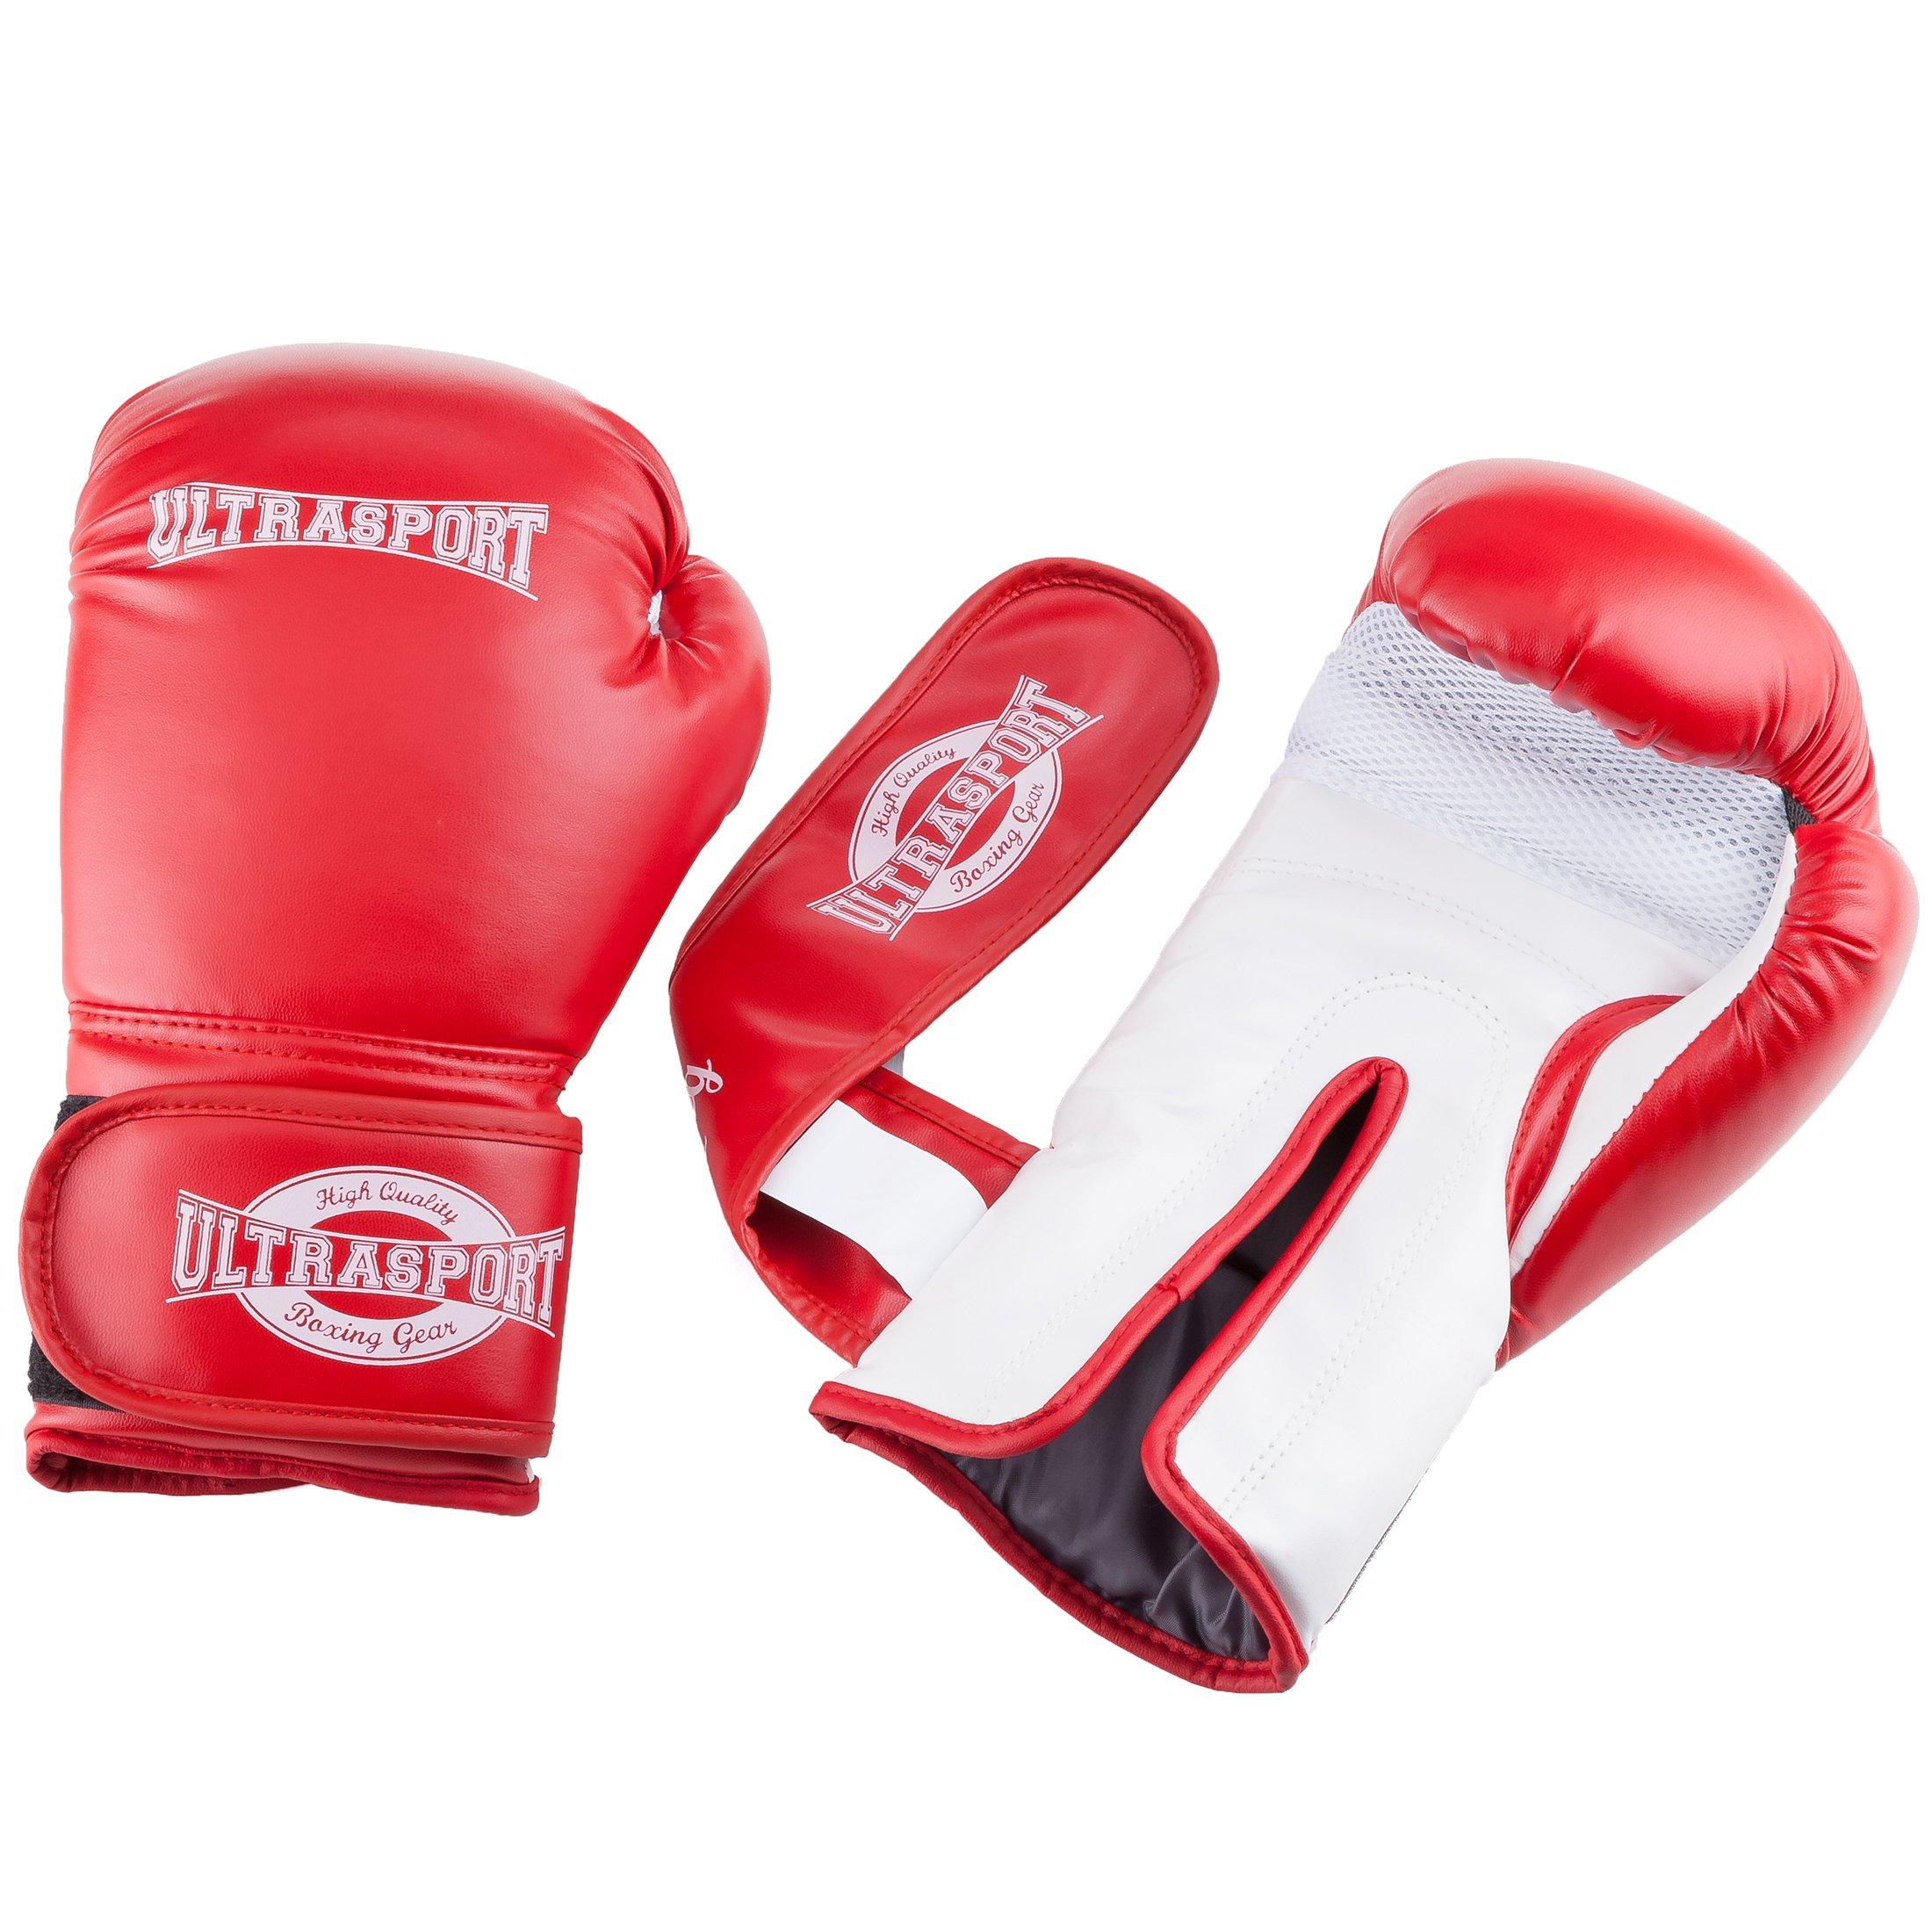 Serie Boxing Gear Ultrasport curvadas Set de Dos Manoplas Palma Acolchada con Punto Rojo